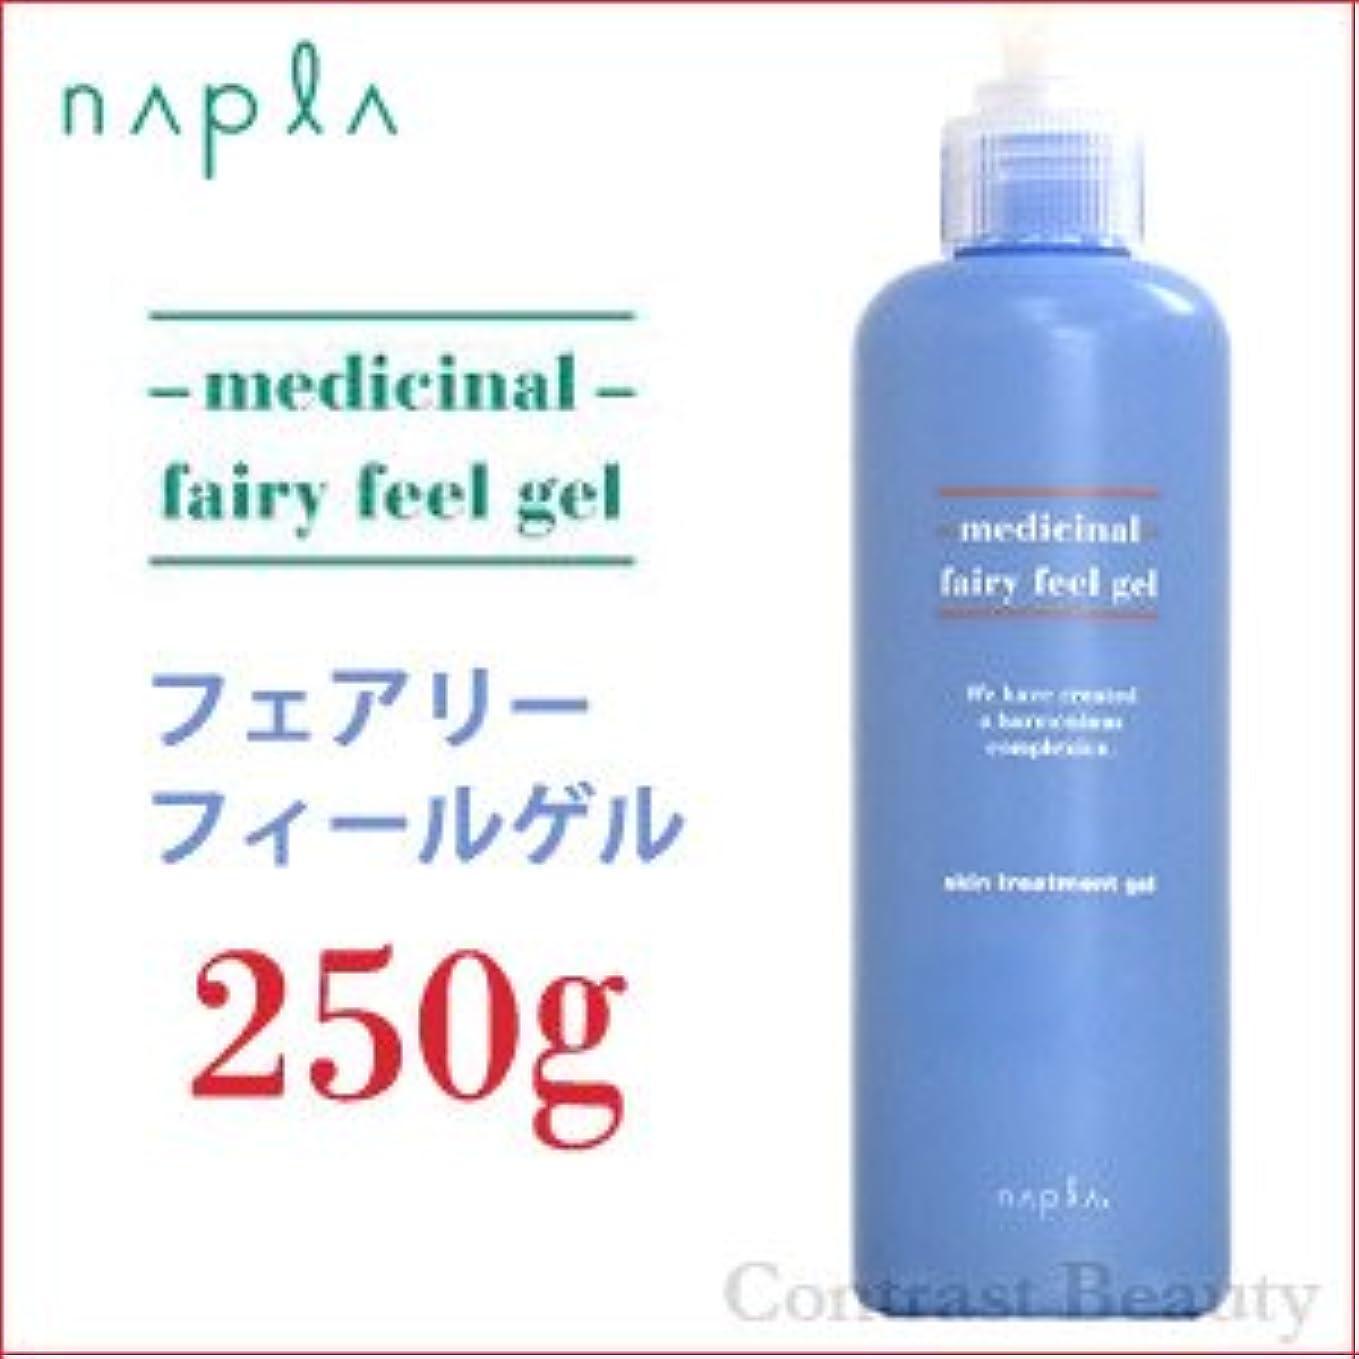 文明かご望まない【X5個セット】 ナプラ 薬用フェアリーフィールゲル 250g